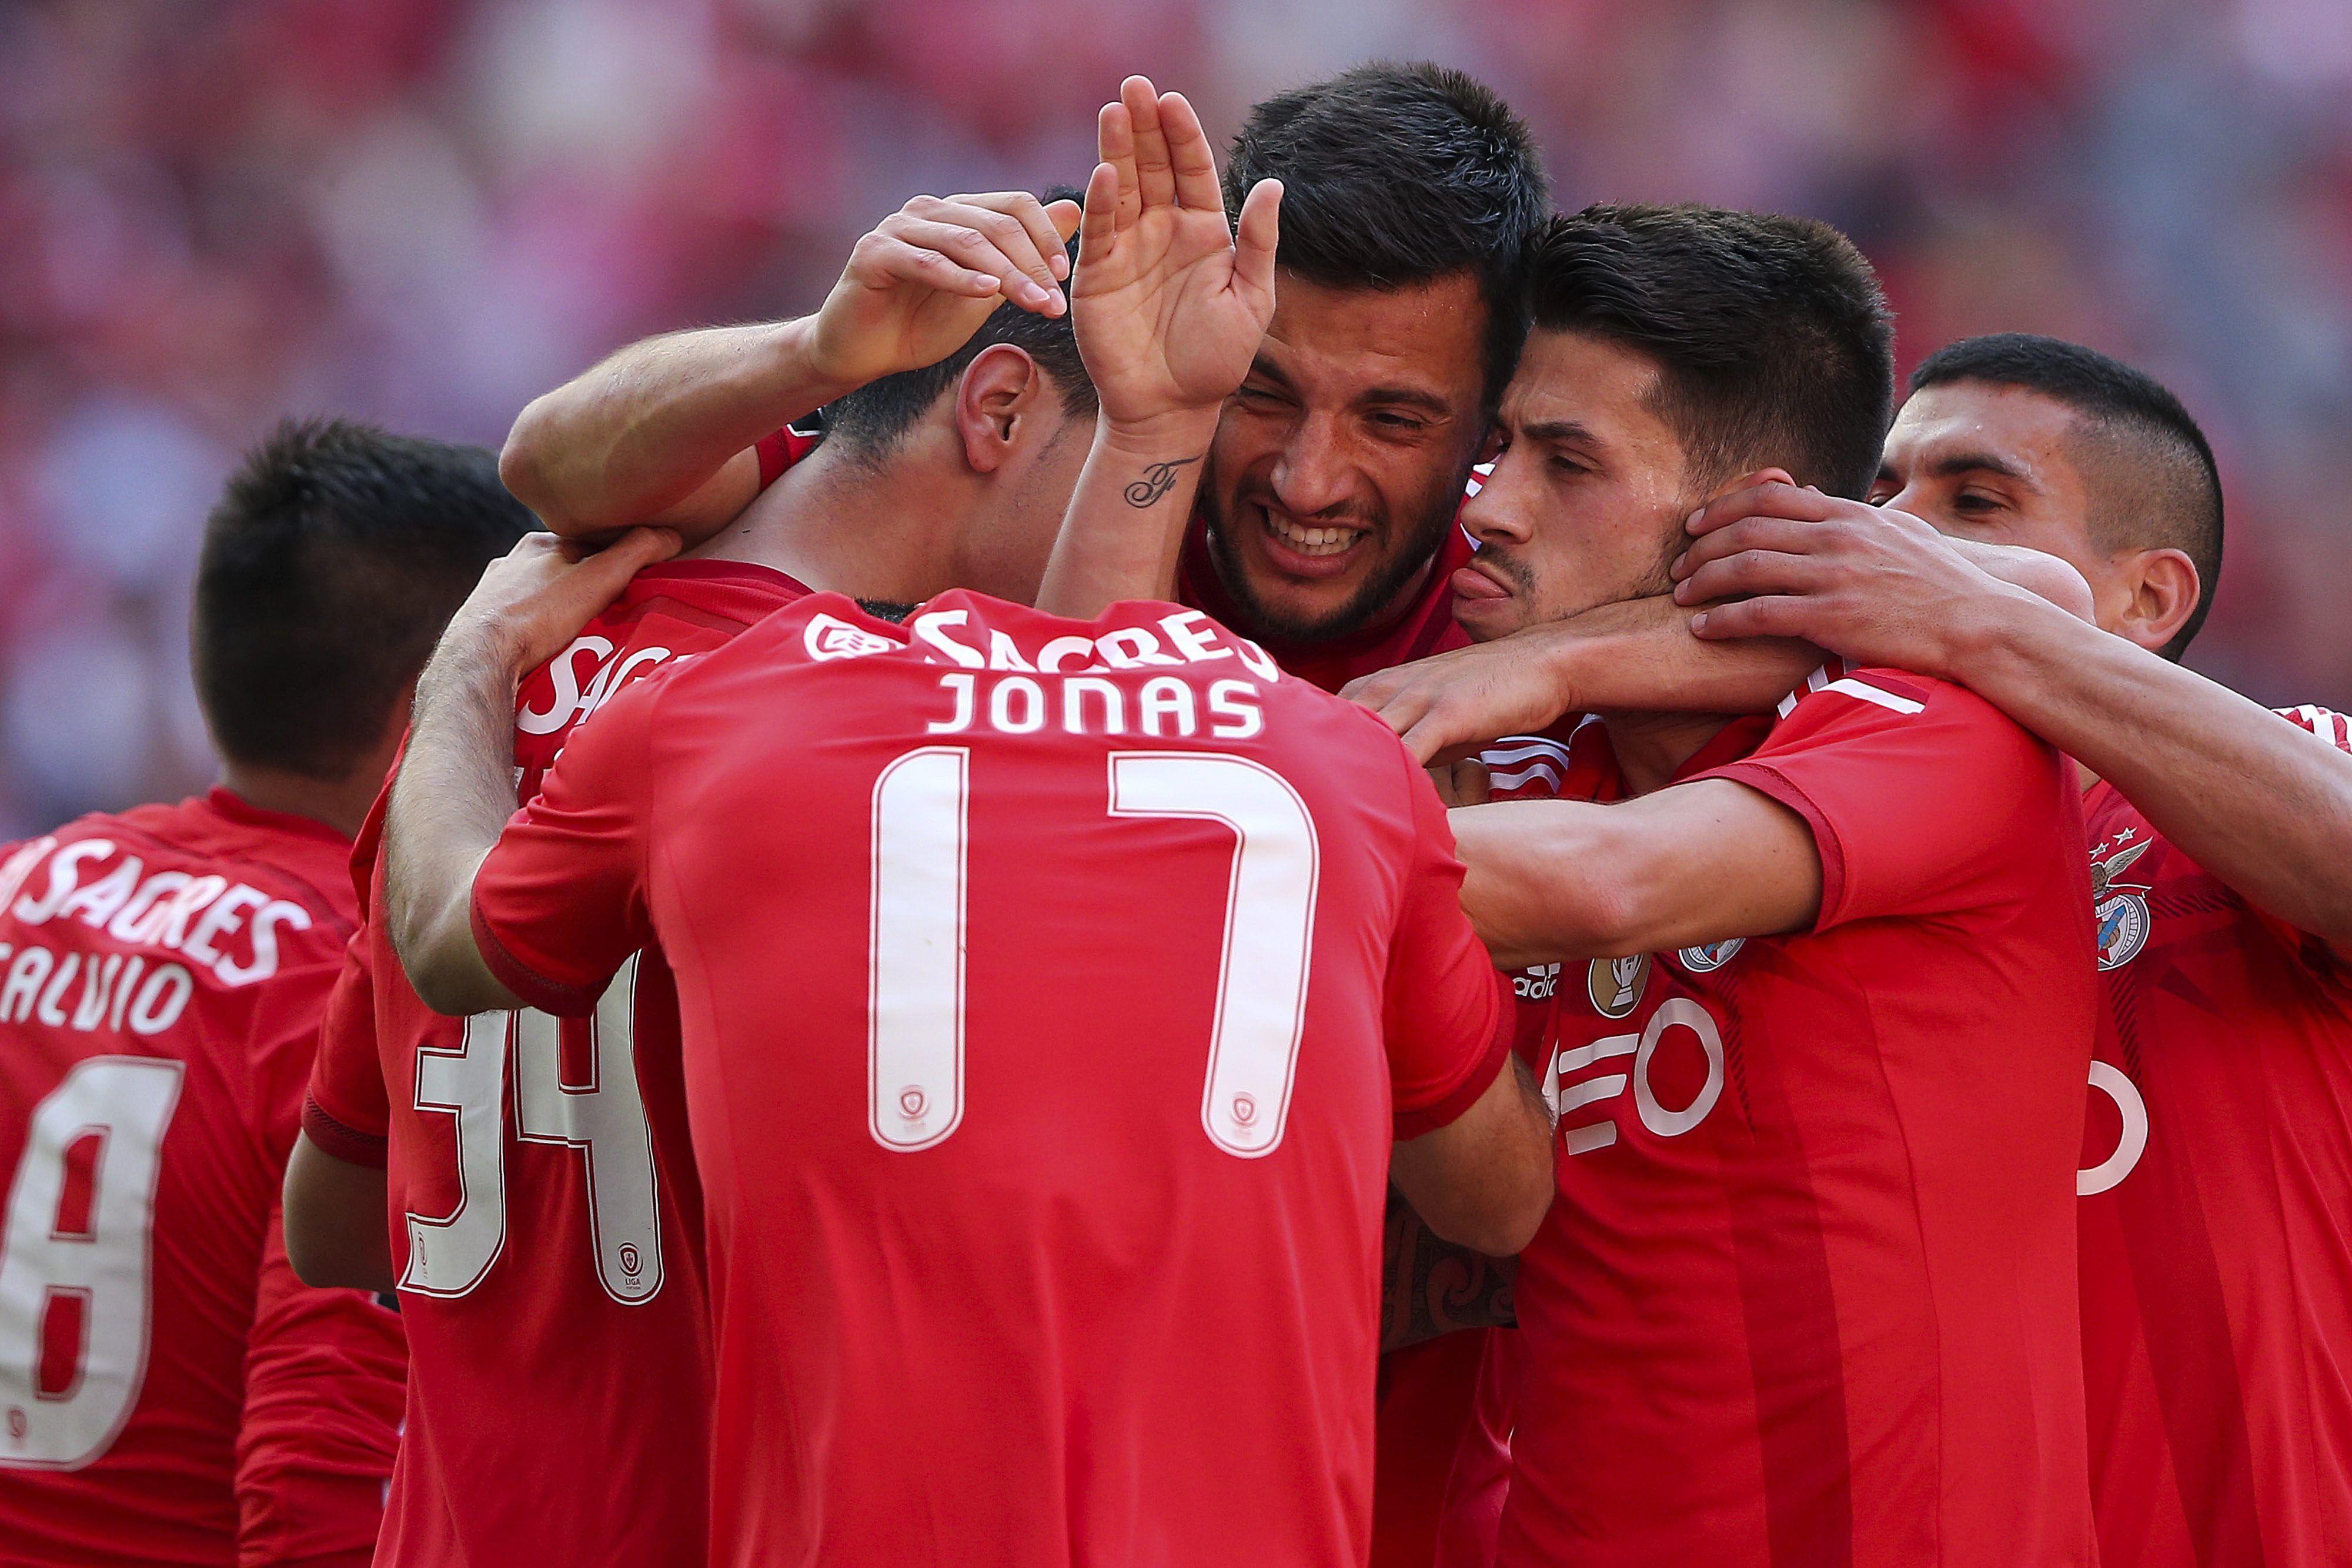 @Benfica equipe glorioso #9ine